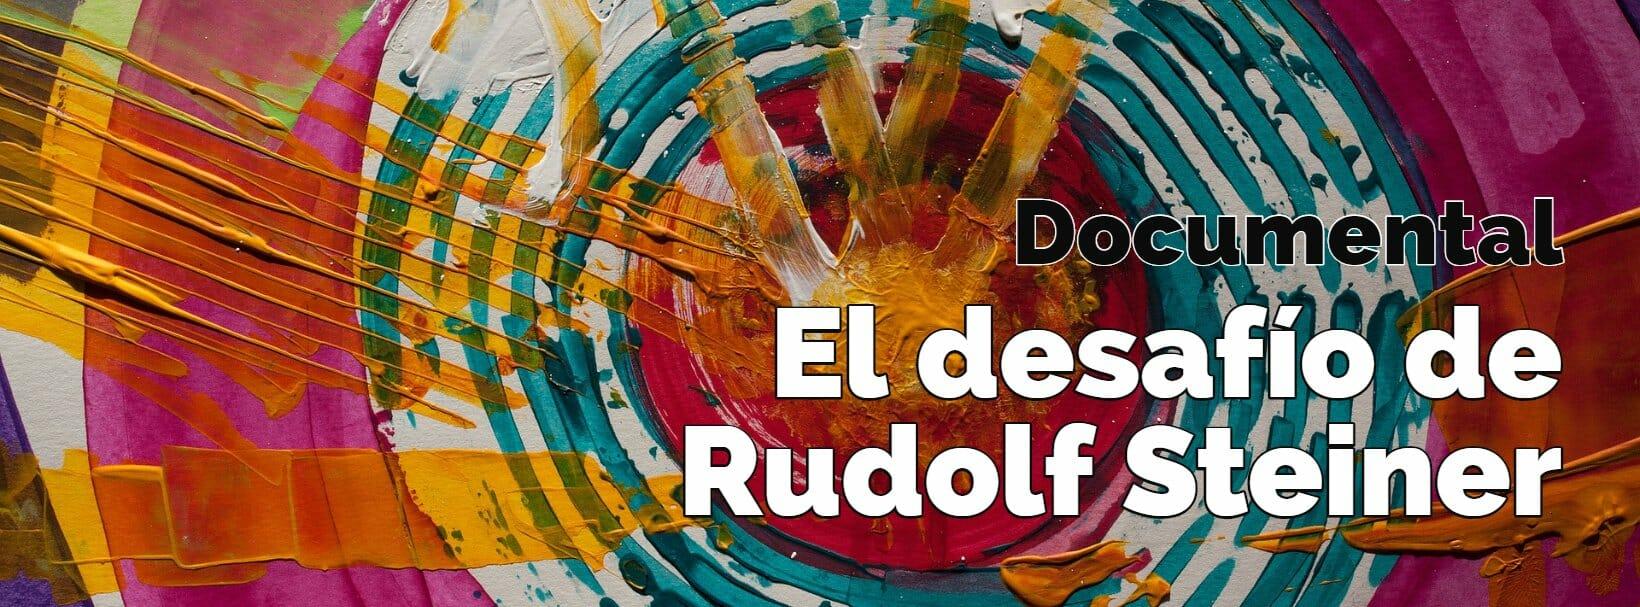 Documental: El desafío de Rudolf Steiner